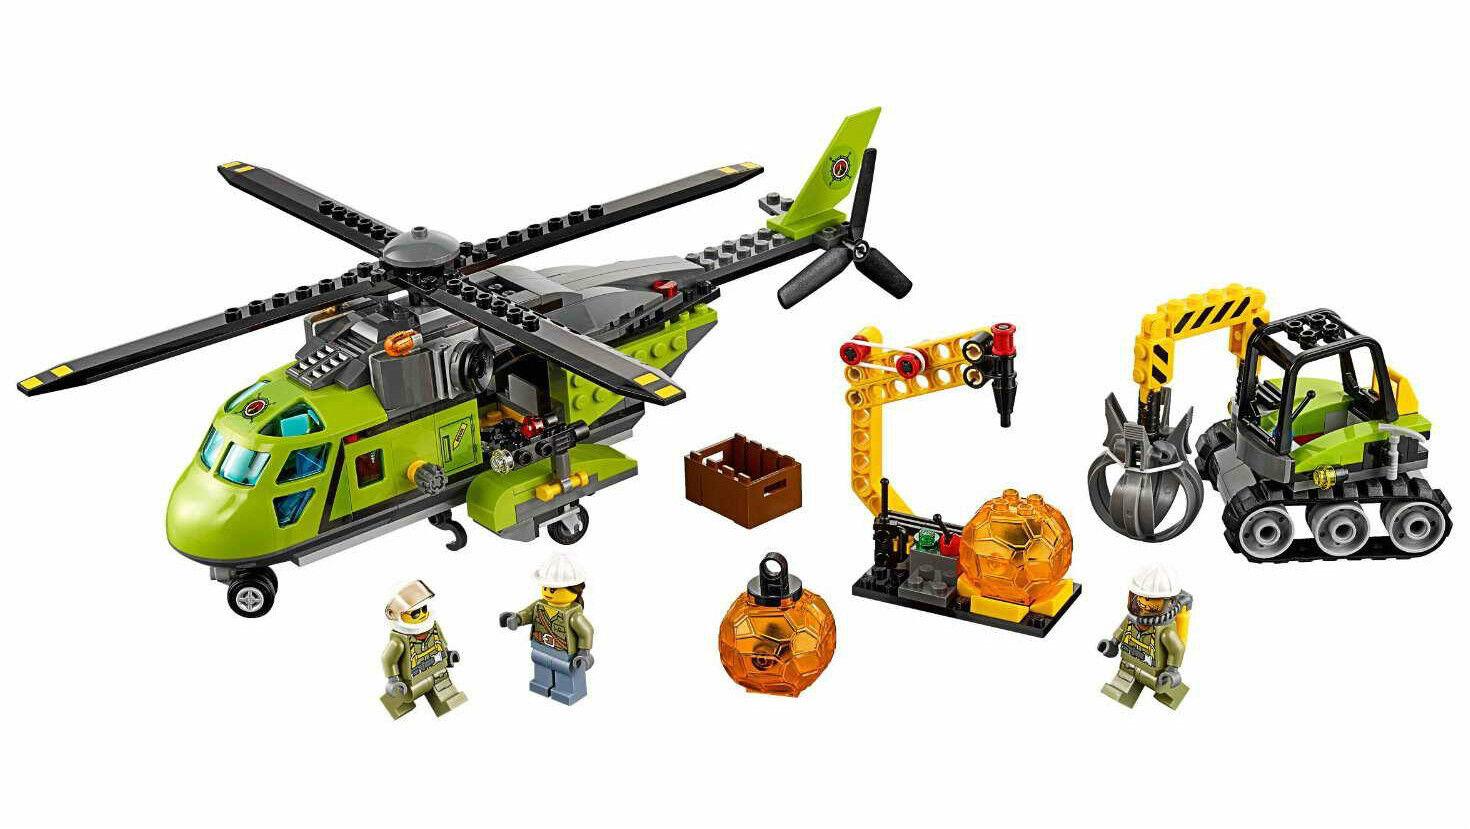 LEGO 60123 Elicottero dei rifornimenti  Vulcano  - CITY 7-12 Pz 330